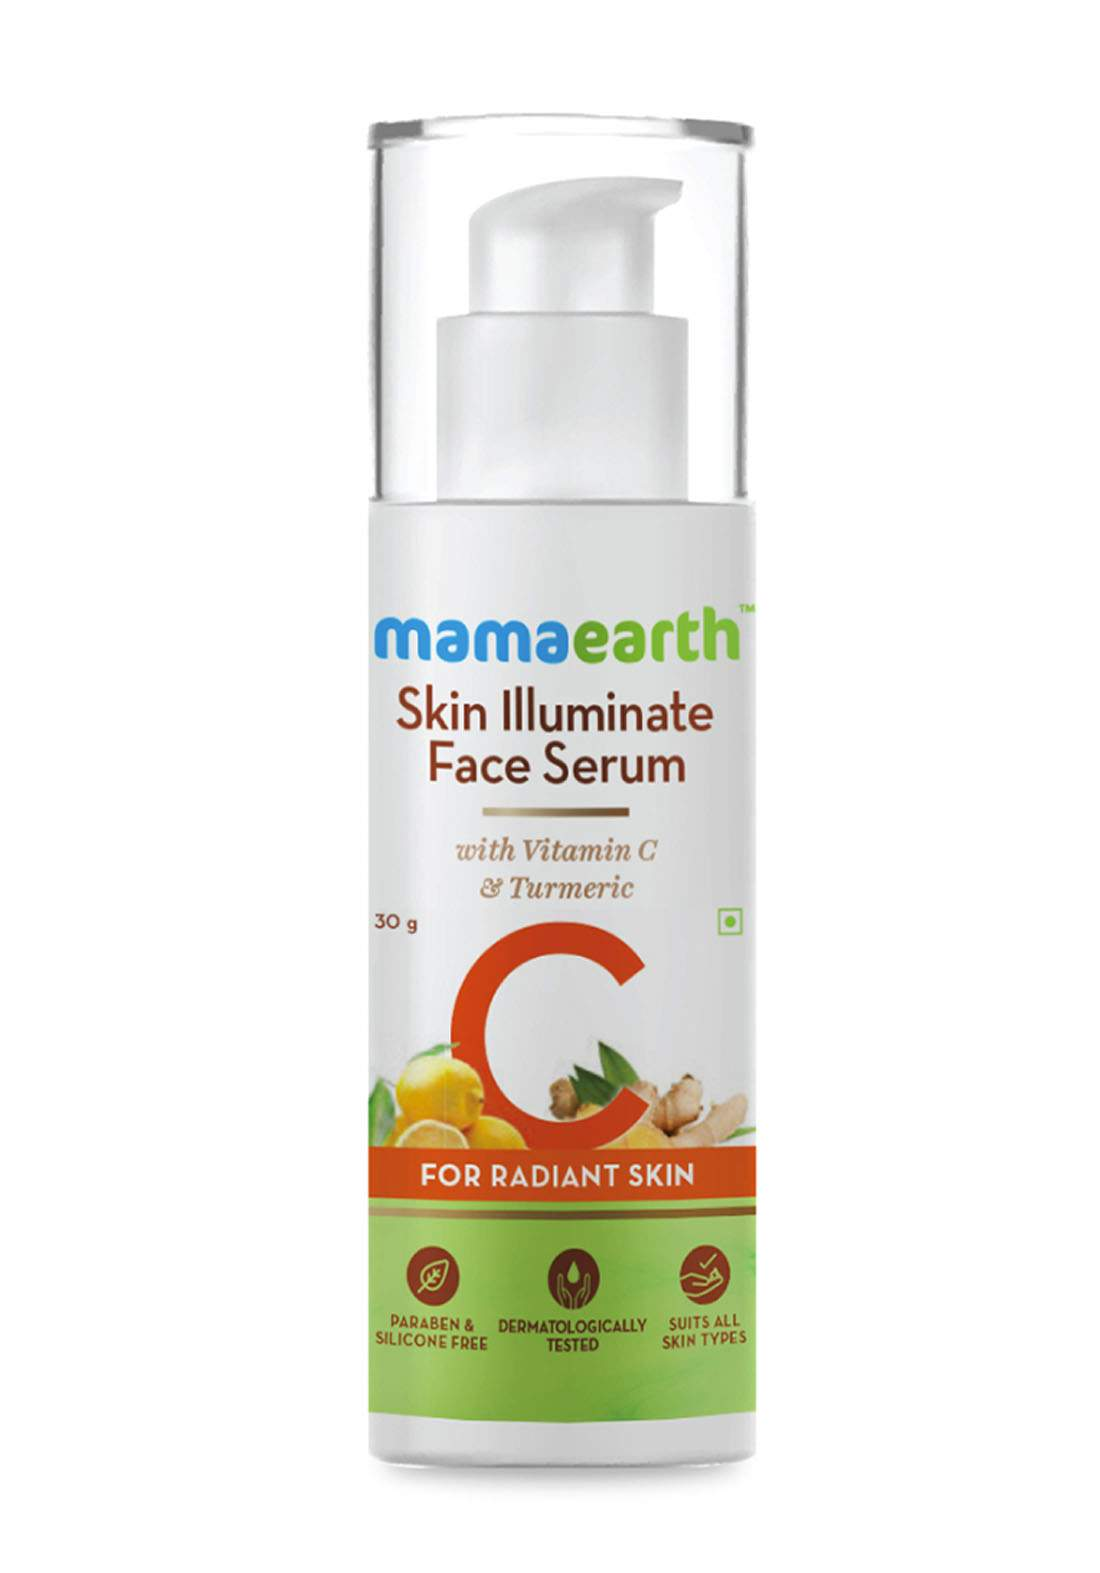 Mamaearth Skin Illuminate Face Serum 30g سيروم للبشرة